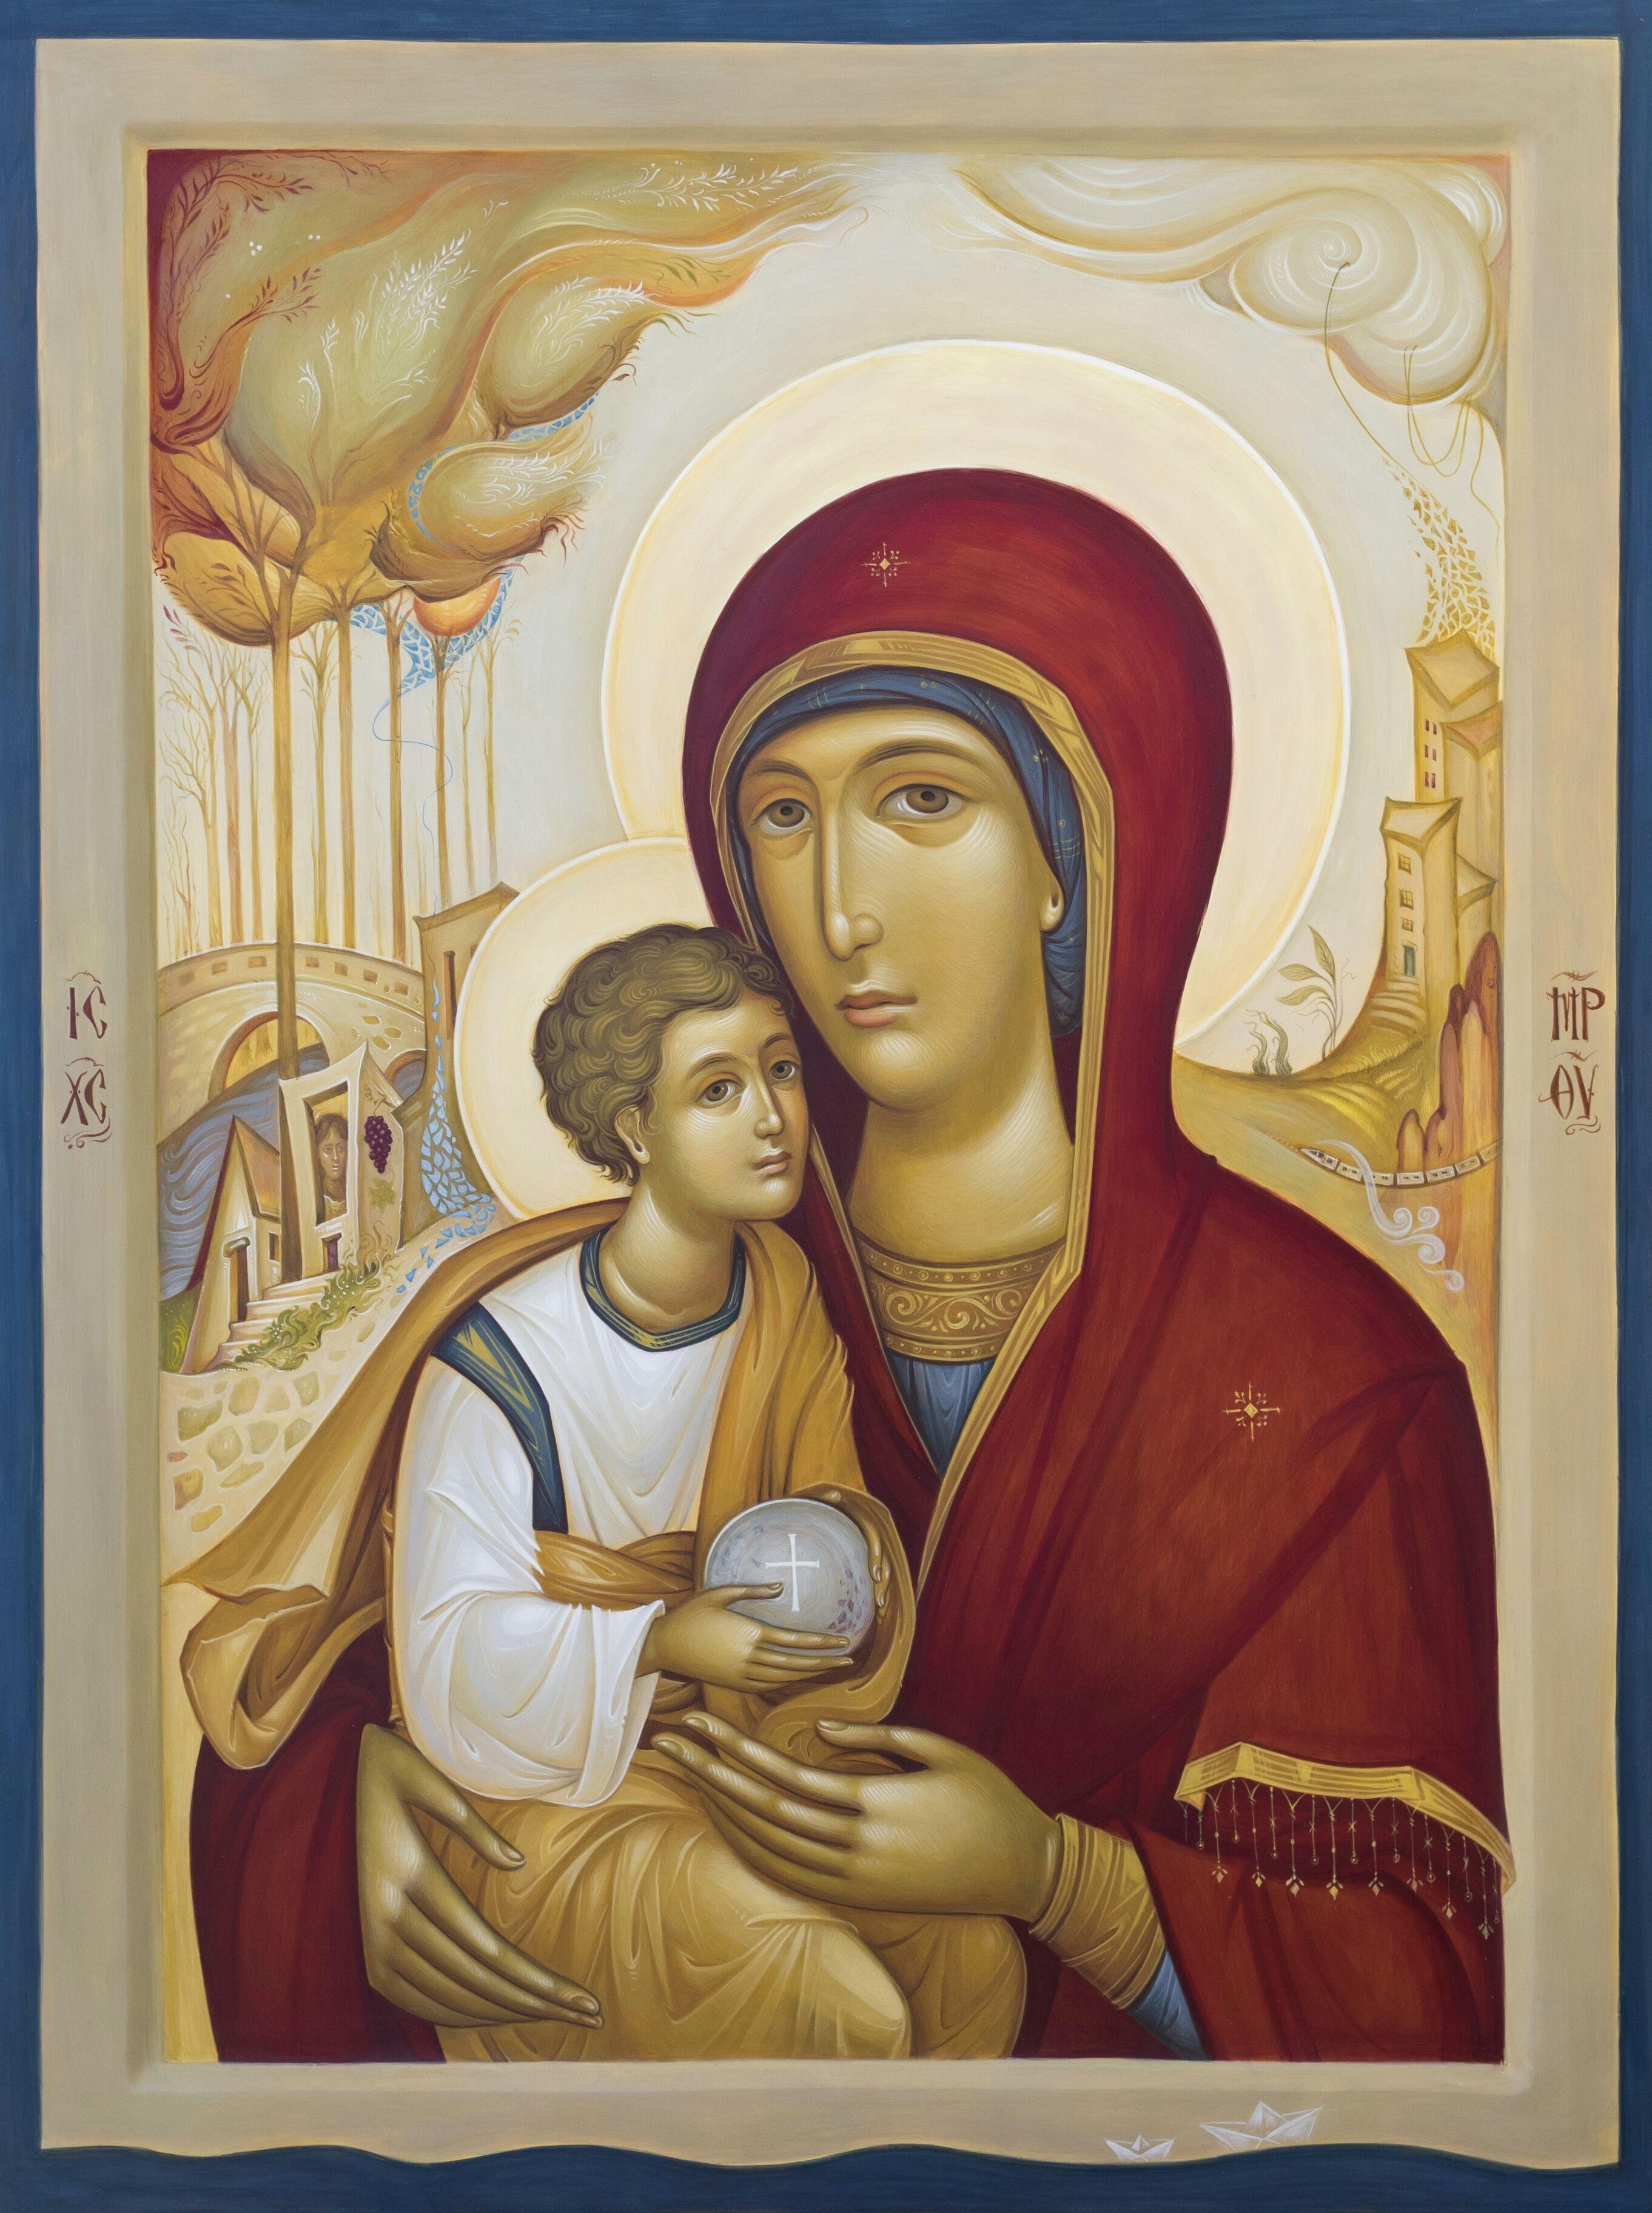 Δουληγέρη Χριστίνα, ''Μήτηρ Θεού, η Μετάγουσα'' Αυγοτέμπερα σε ξύλο 45Χ60 εκ.